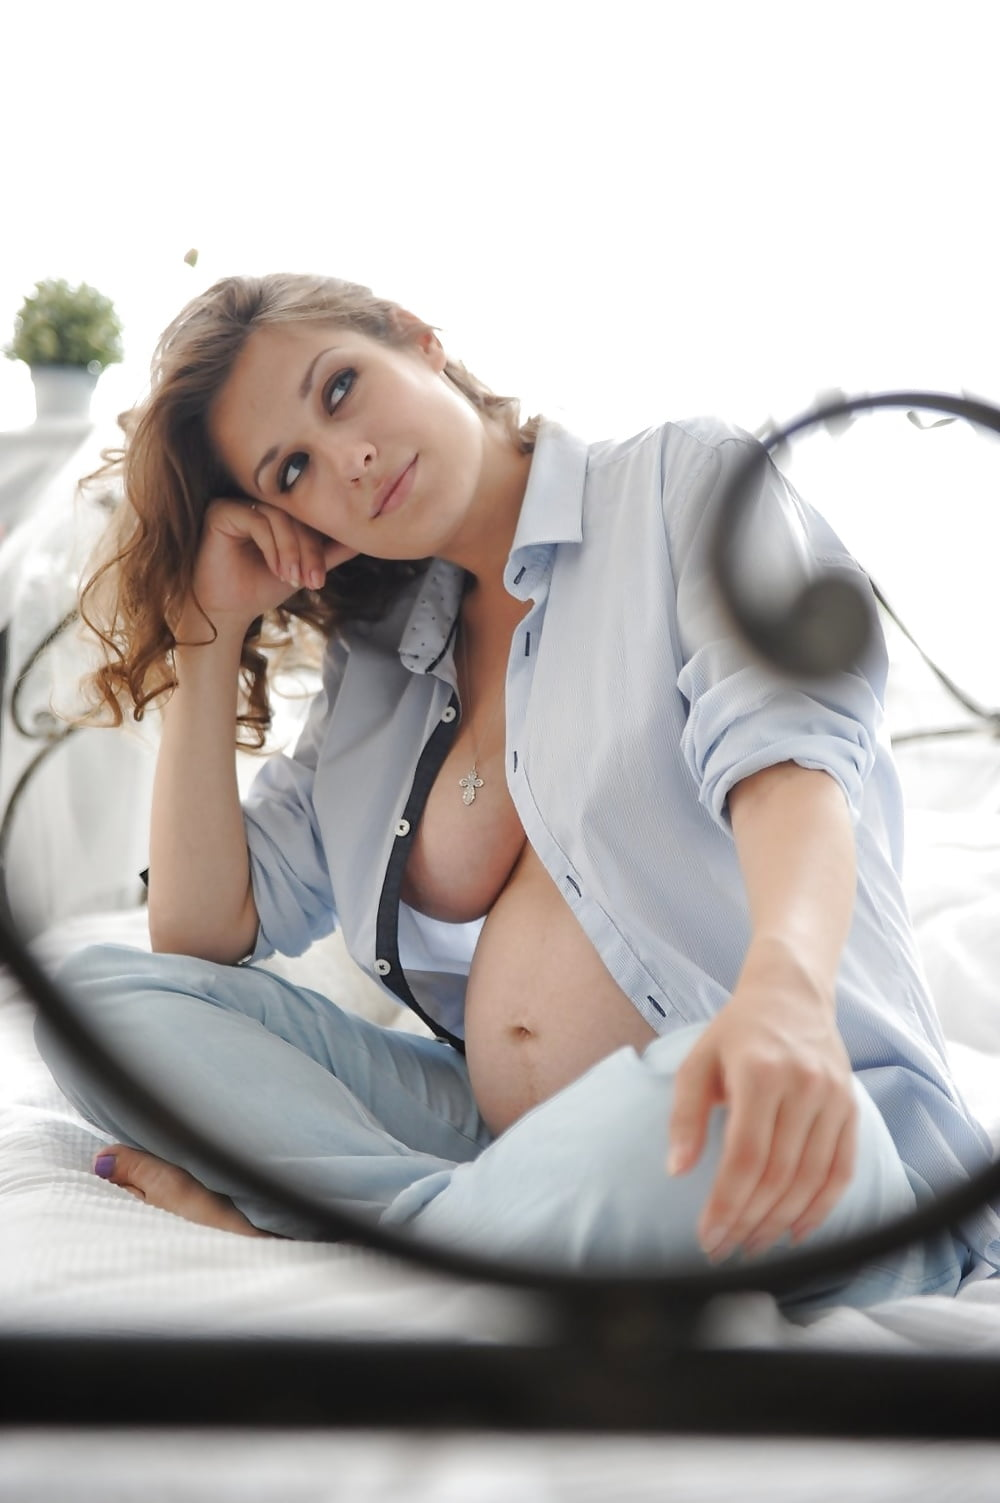 Show erotico de zenda sexy en la barra del sem 2018 camara 2 - 3 9